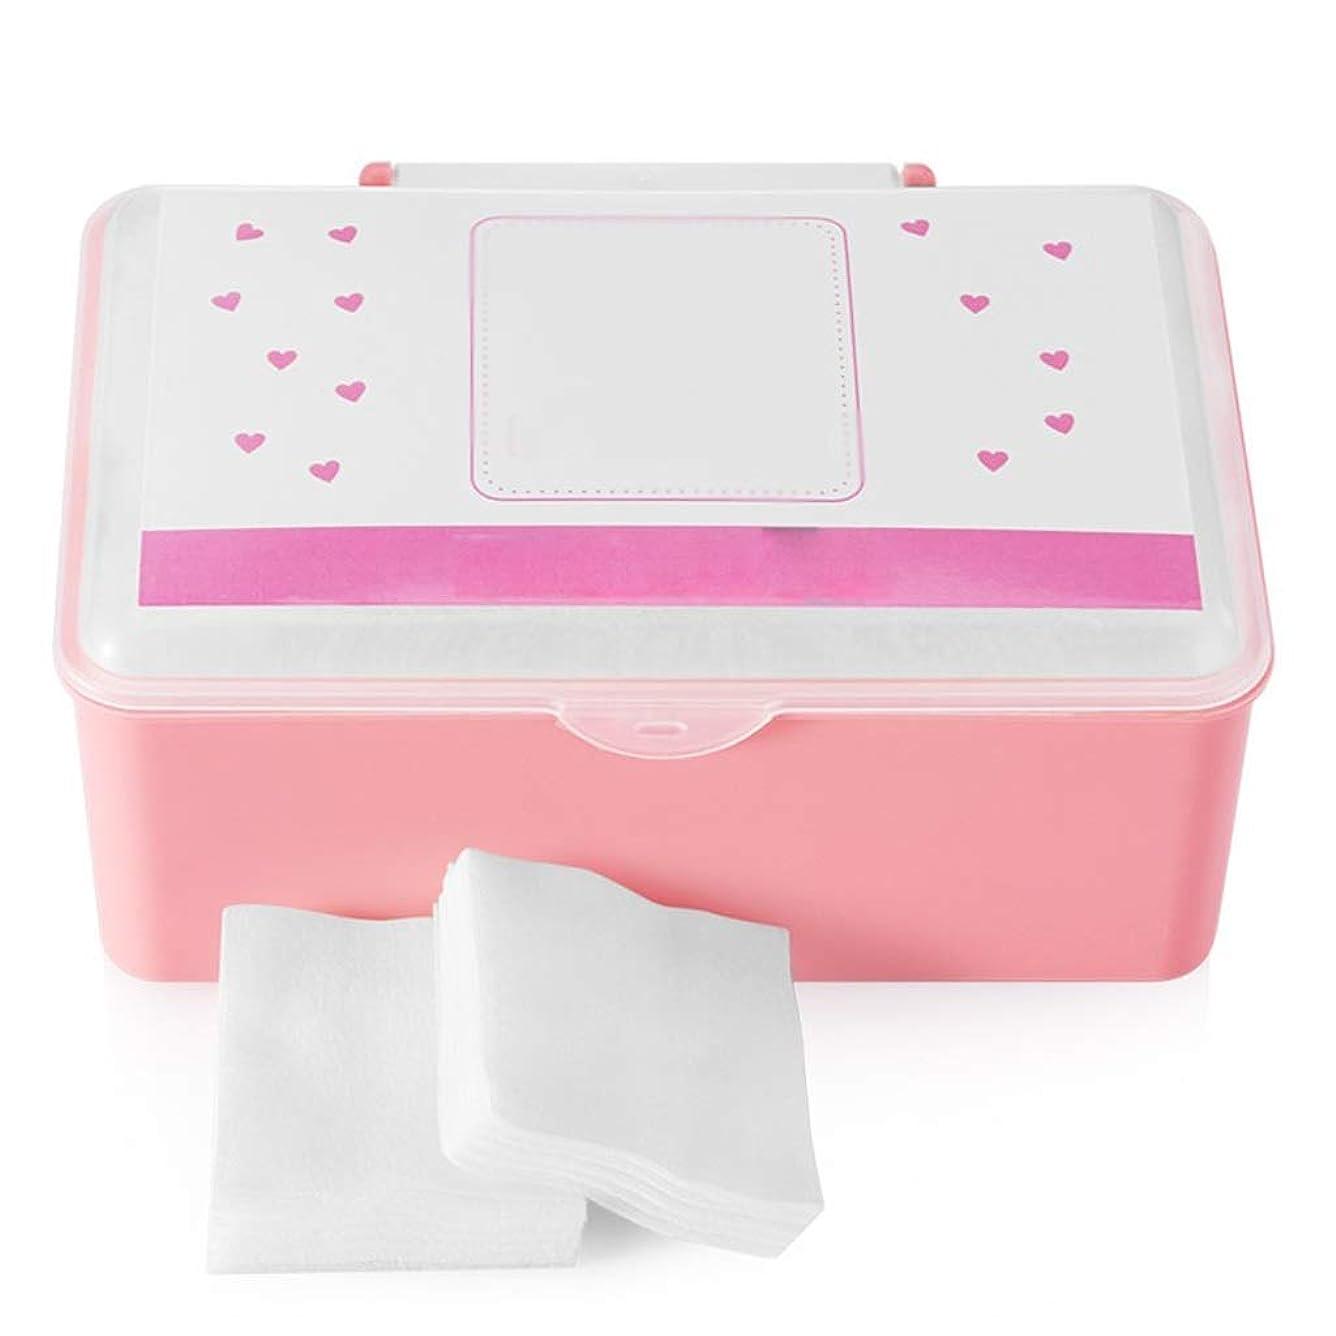 不格好毎年味わうクレンジングシート コットンパッドコットンクレンジングコットンフェイス付き薄いセクション水分補給ウェット圧縮スペシャルボックス入り1000ピース (Color : White)